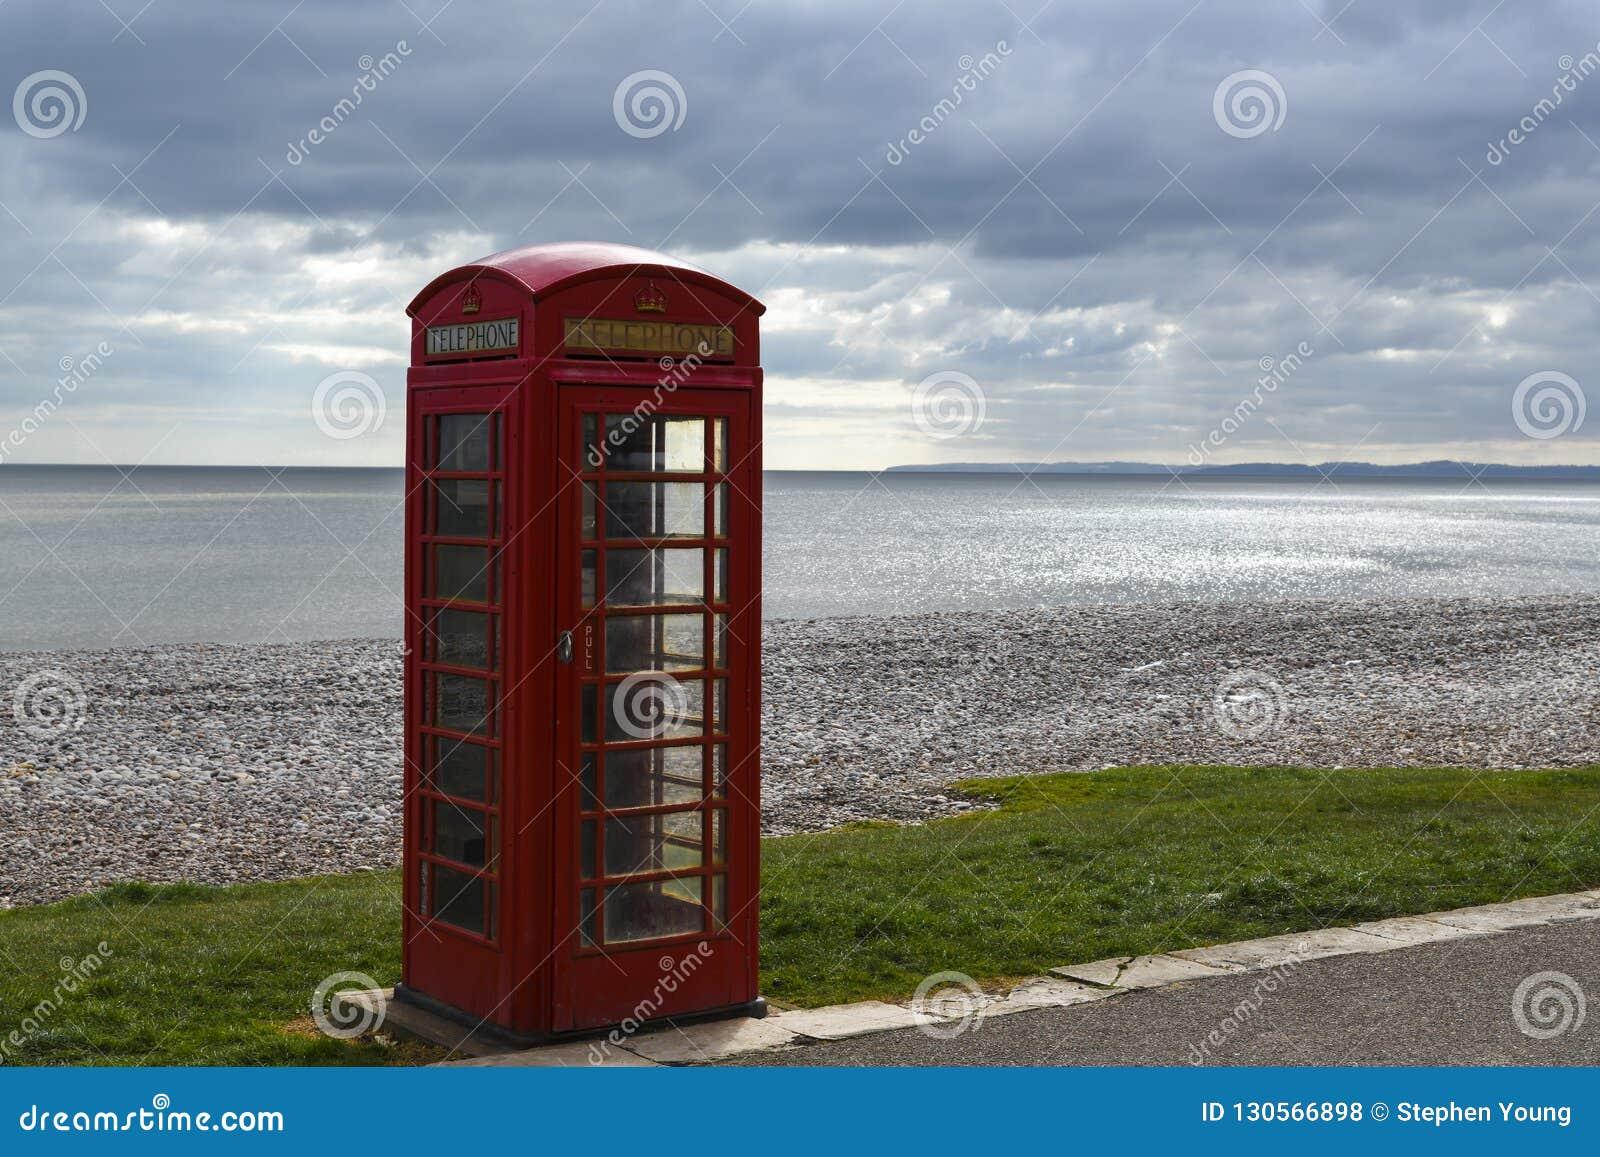 Einsame Telefonzelle